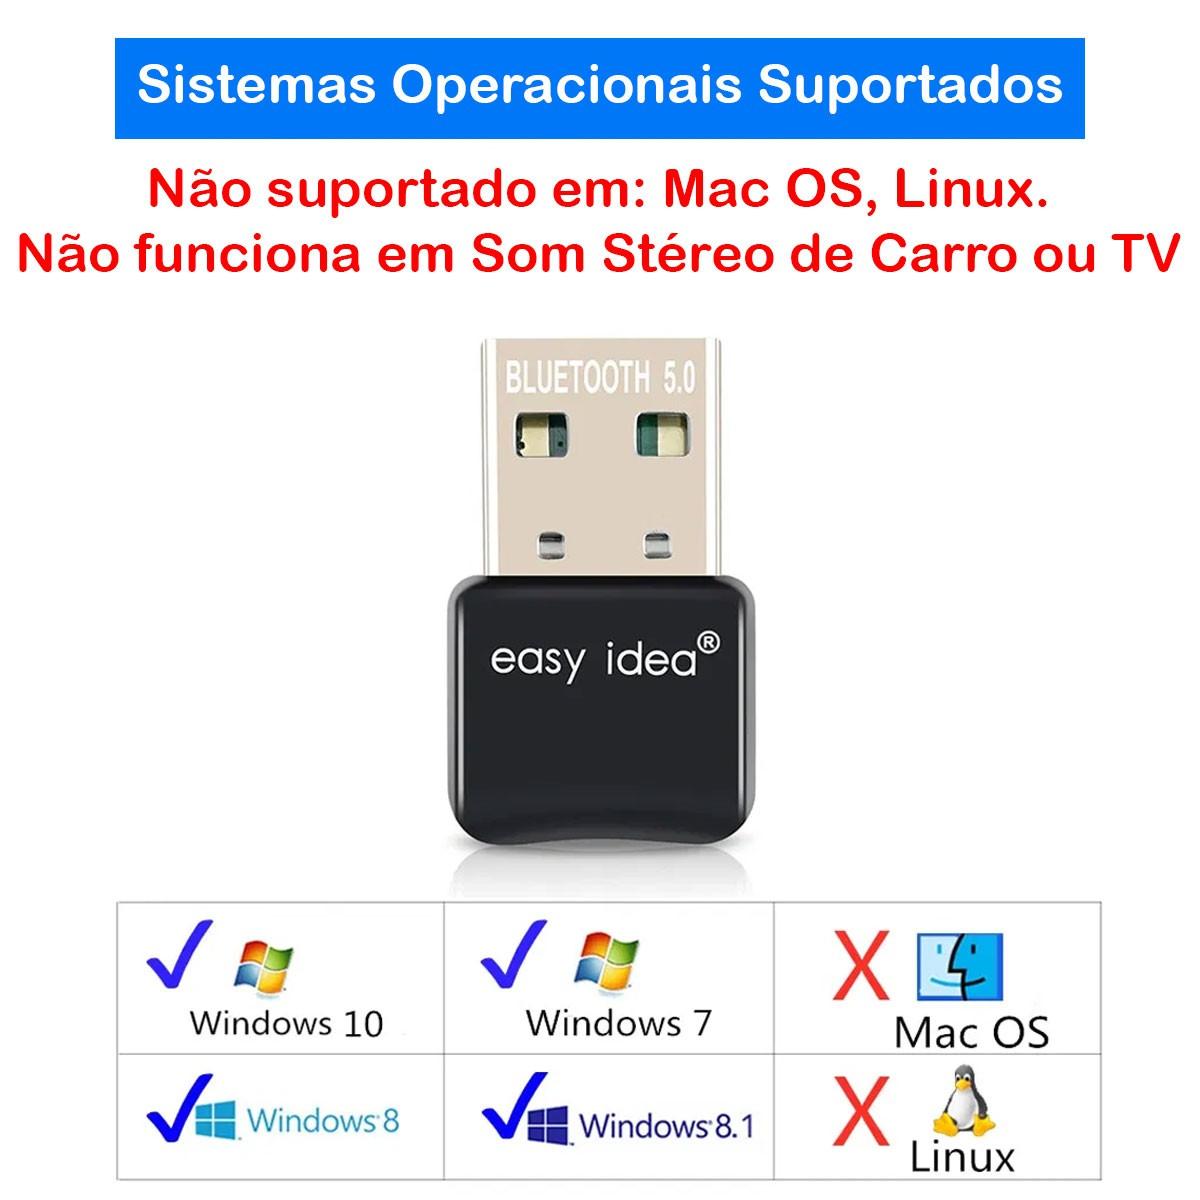 Adaptador Usb Bluetooth 5.0 Dongle Para Pc Notebook EasyIdea